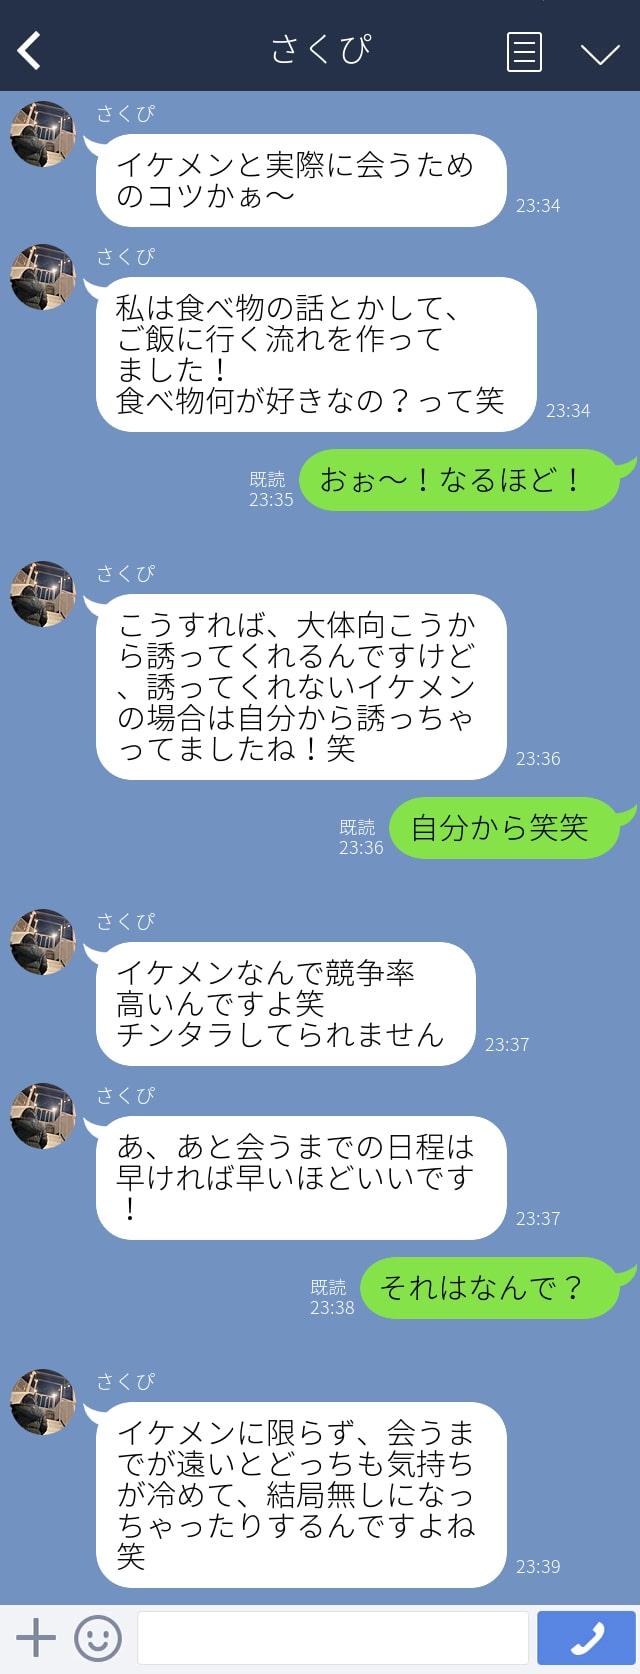 マッチングアプリ イケメン 恋活 出会うには さくぴ